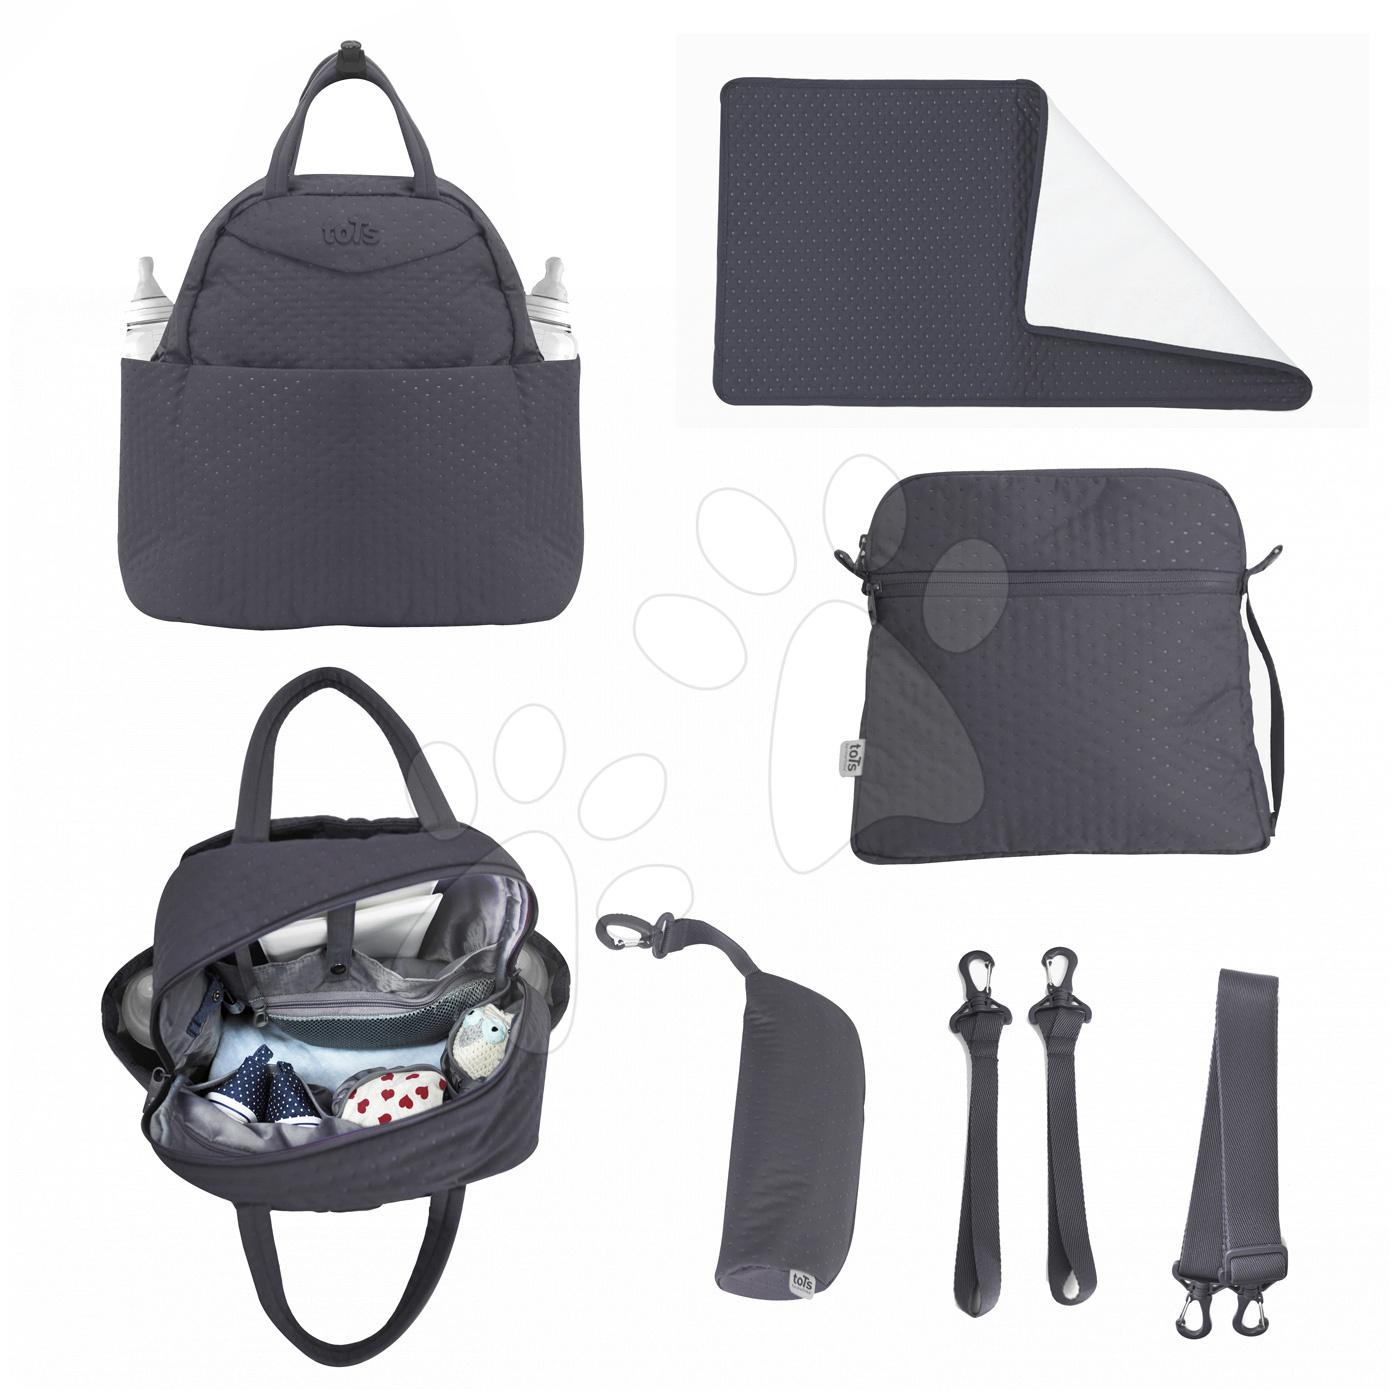 Prebaľovacia taška Infinity 5v1 toTs-smarTrike s vnútornou taškou a termoobalom na fľašu šedá